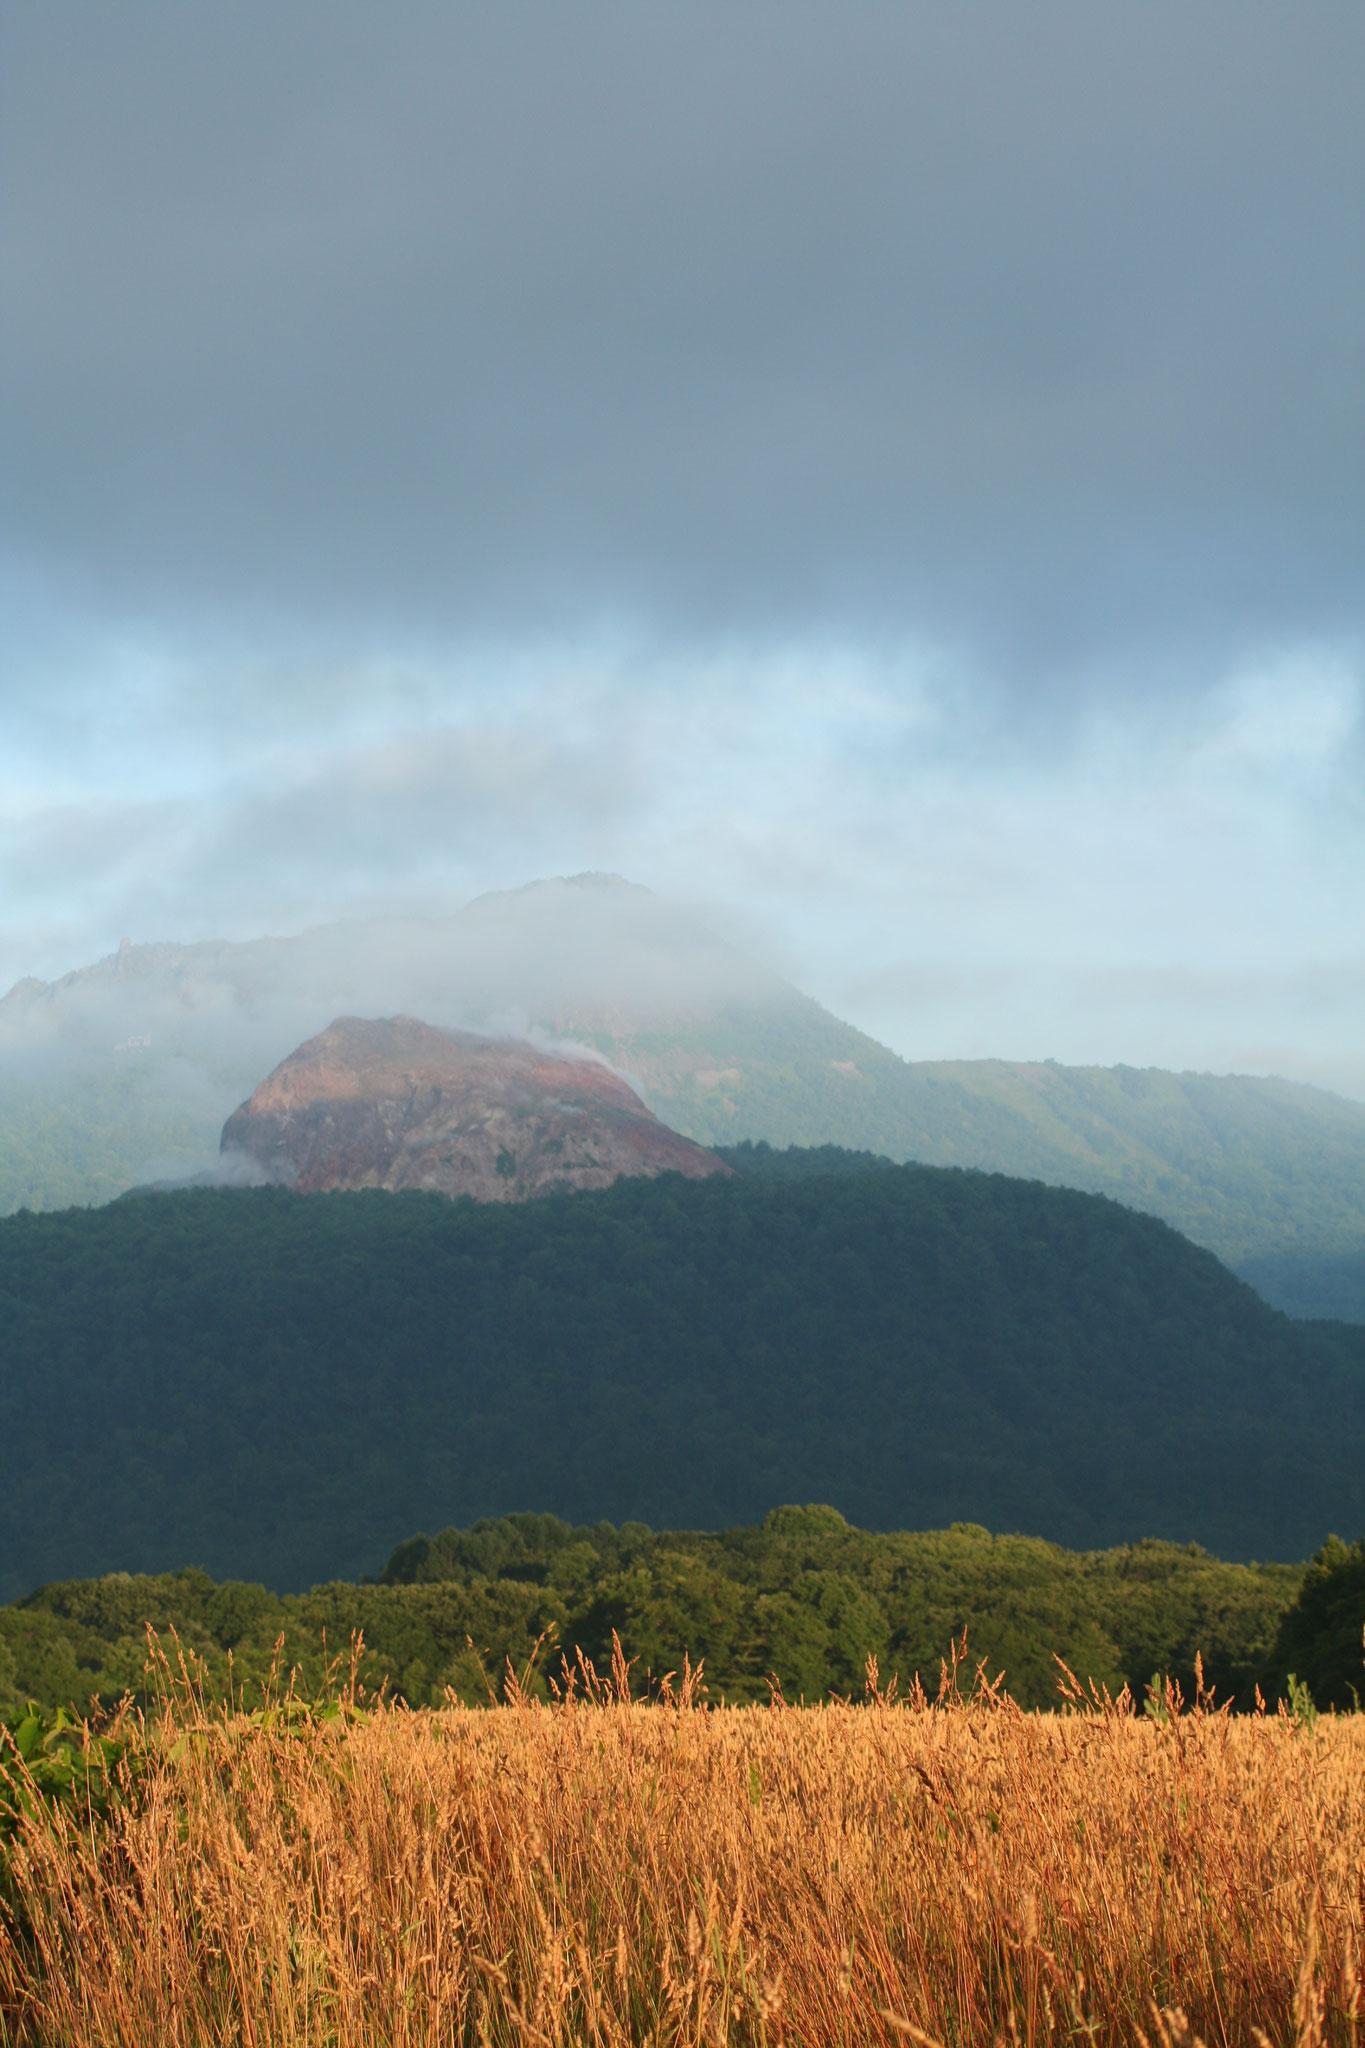 昭和新山、有珠岳、そして麦秋